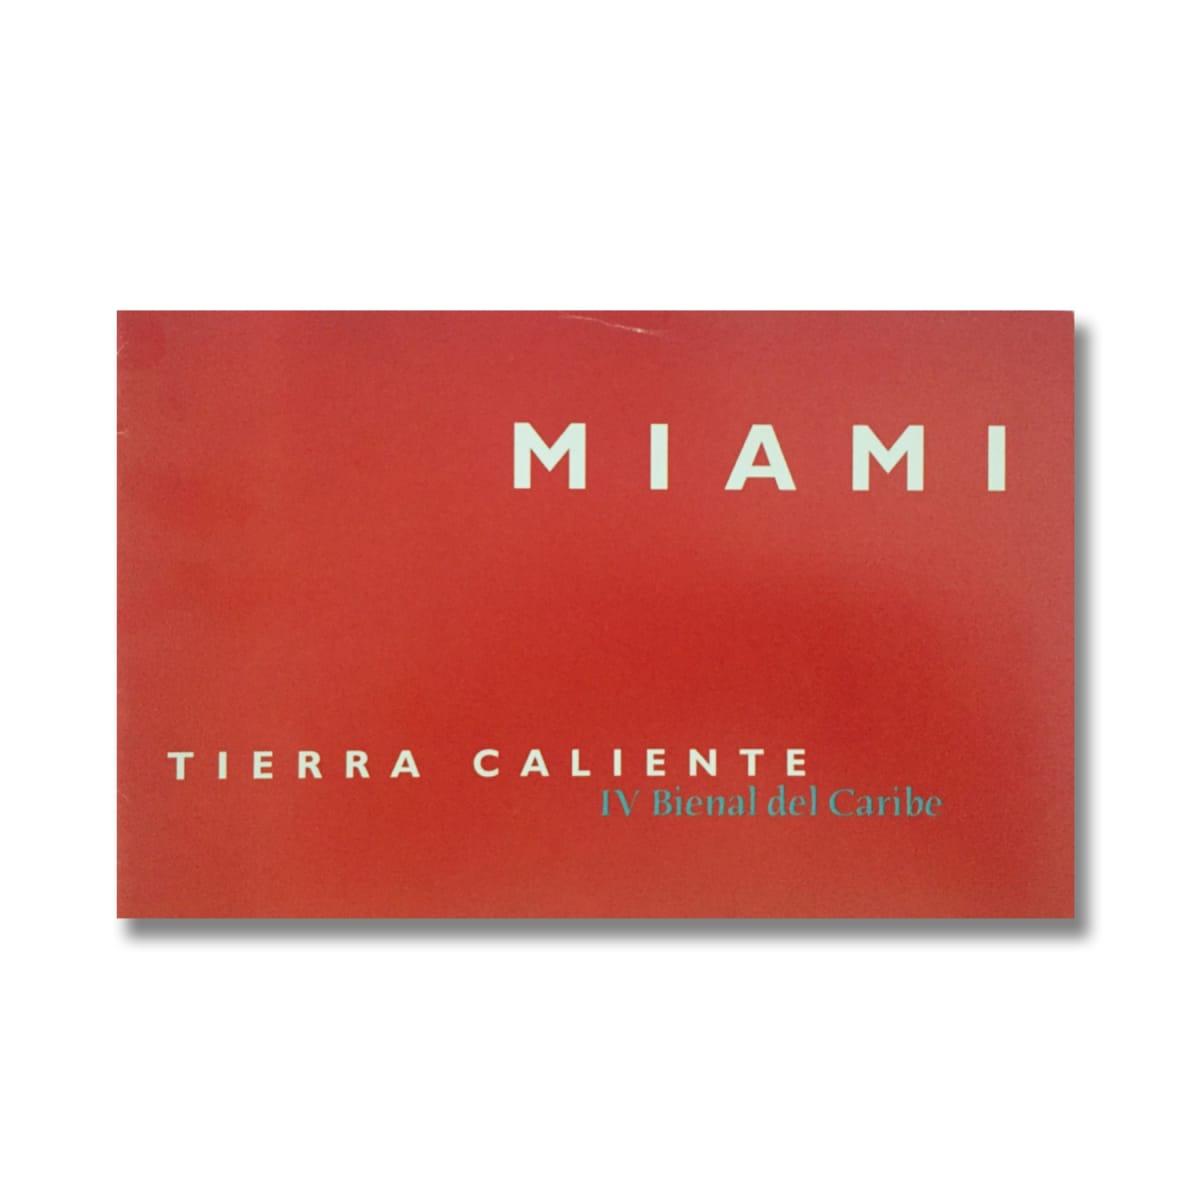 Miami Tierra Caliente, $15.00